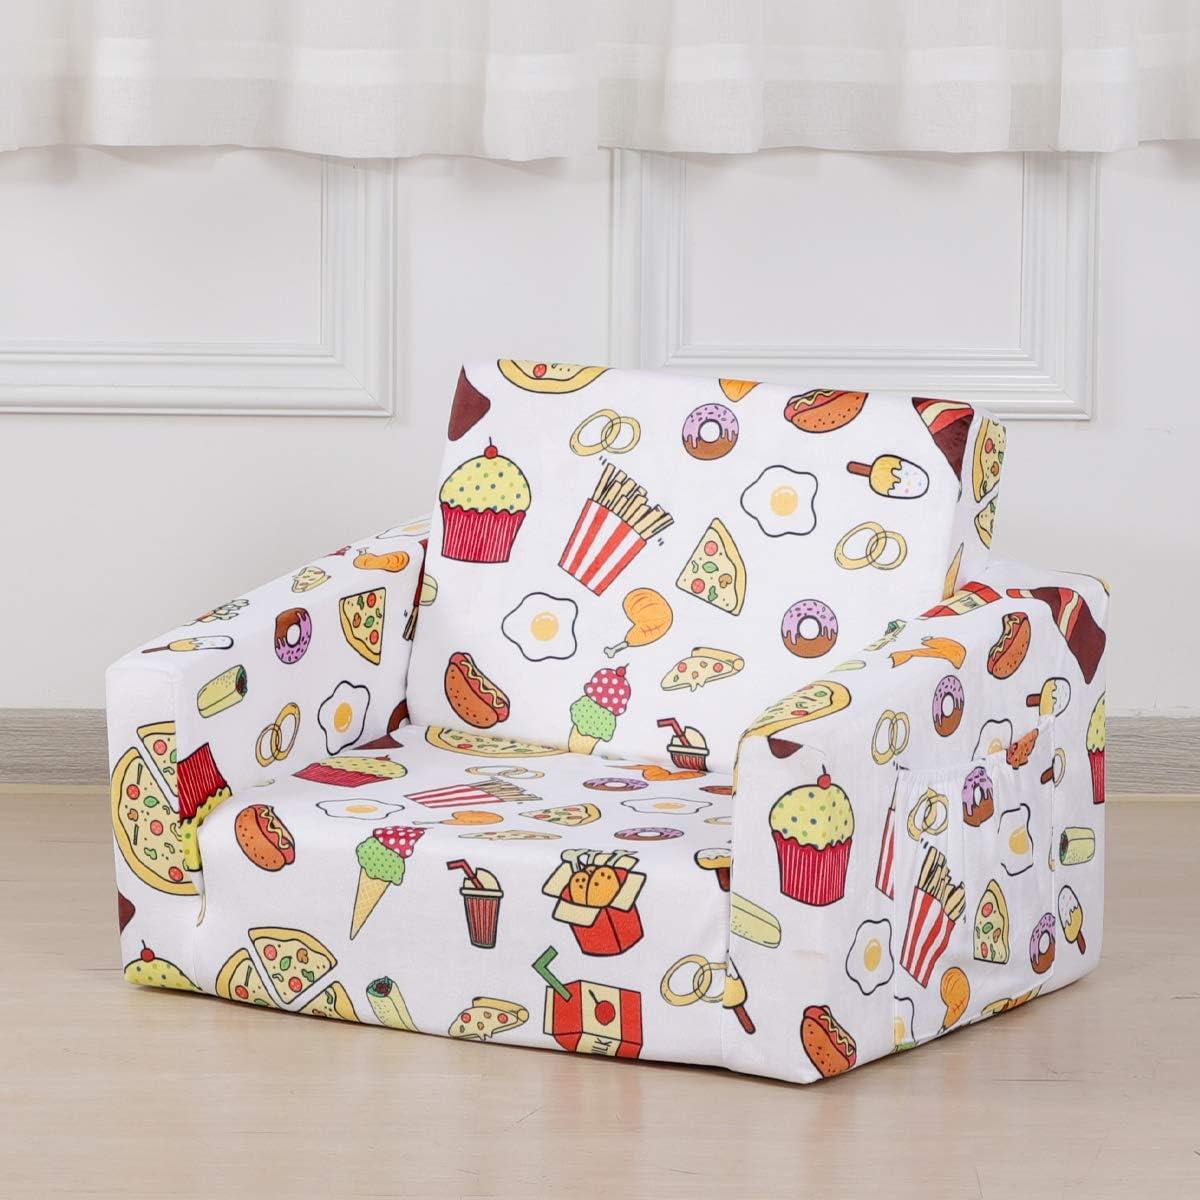 Kid Sofa New Shipping Free Chair Velvet Children's 2 Foam Bed Jacksonville Mall Flip 1 in Open